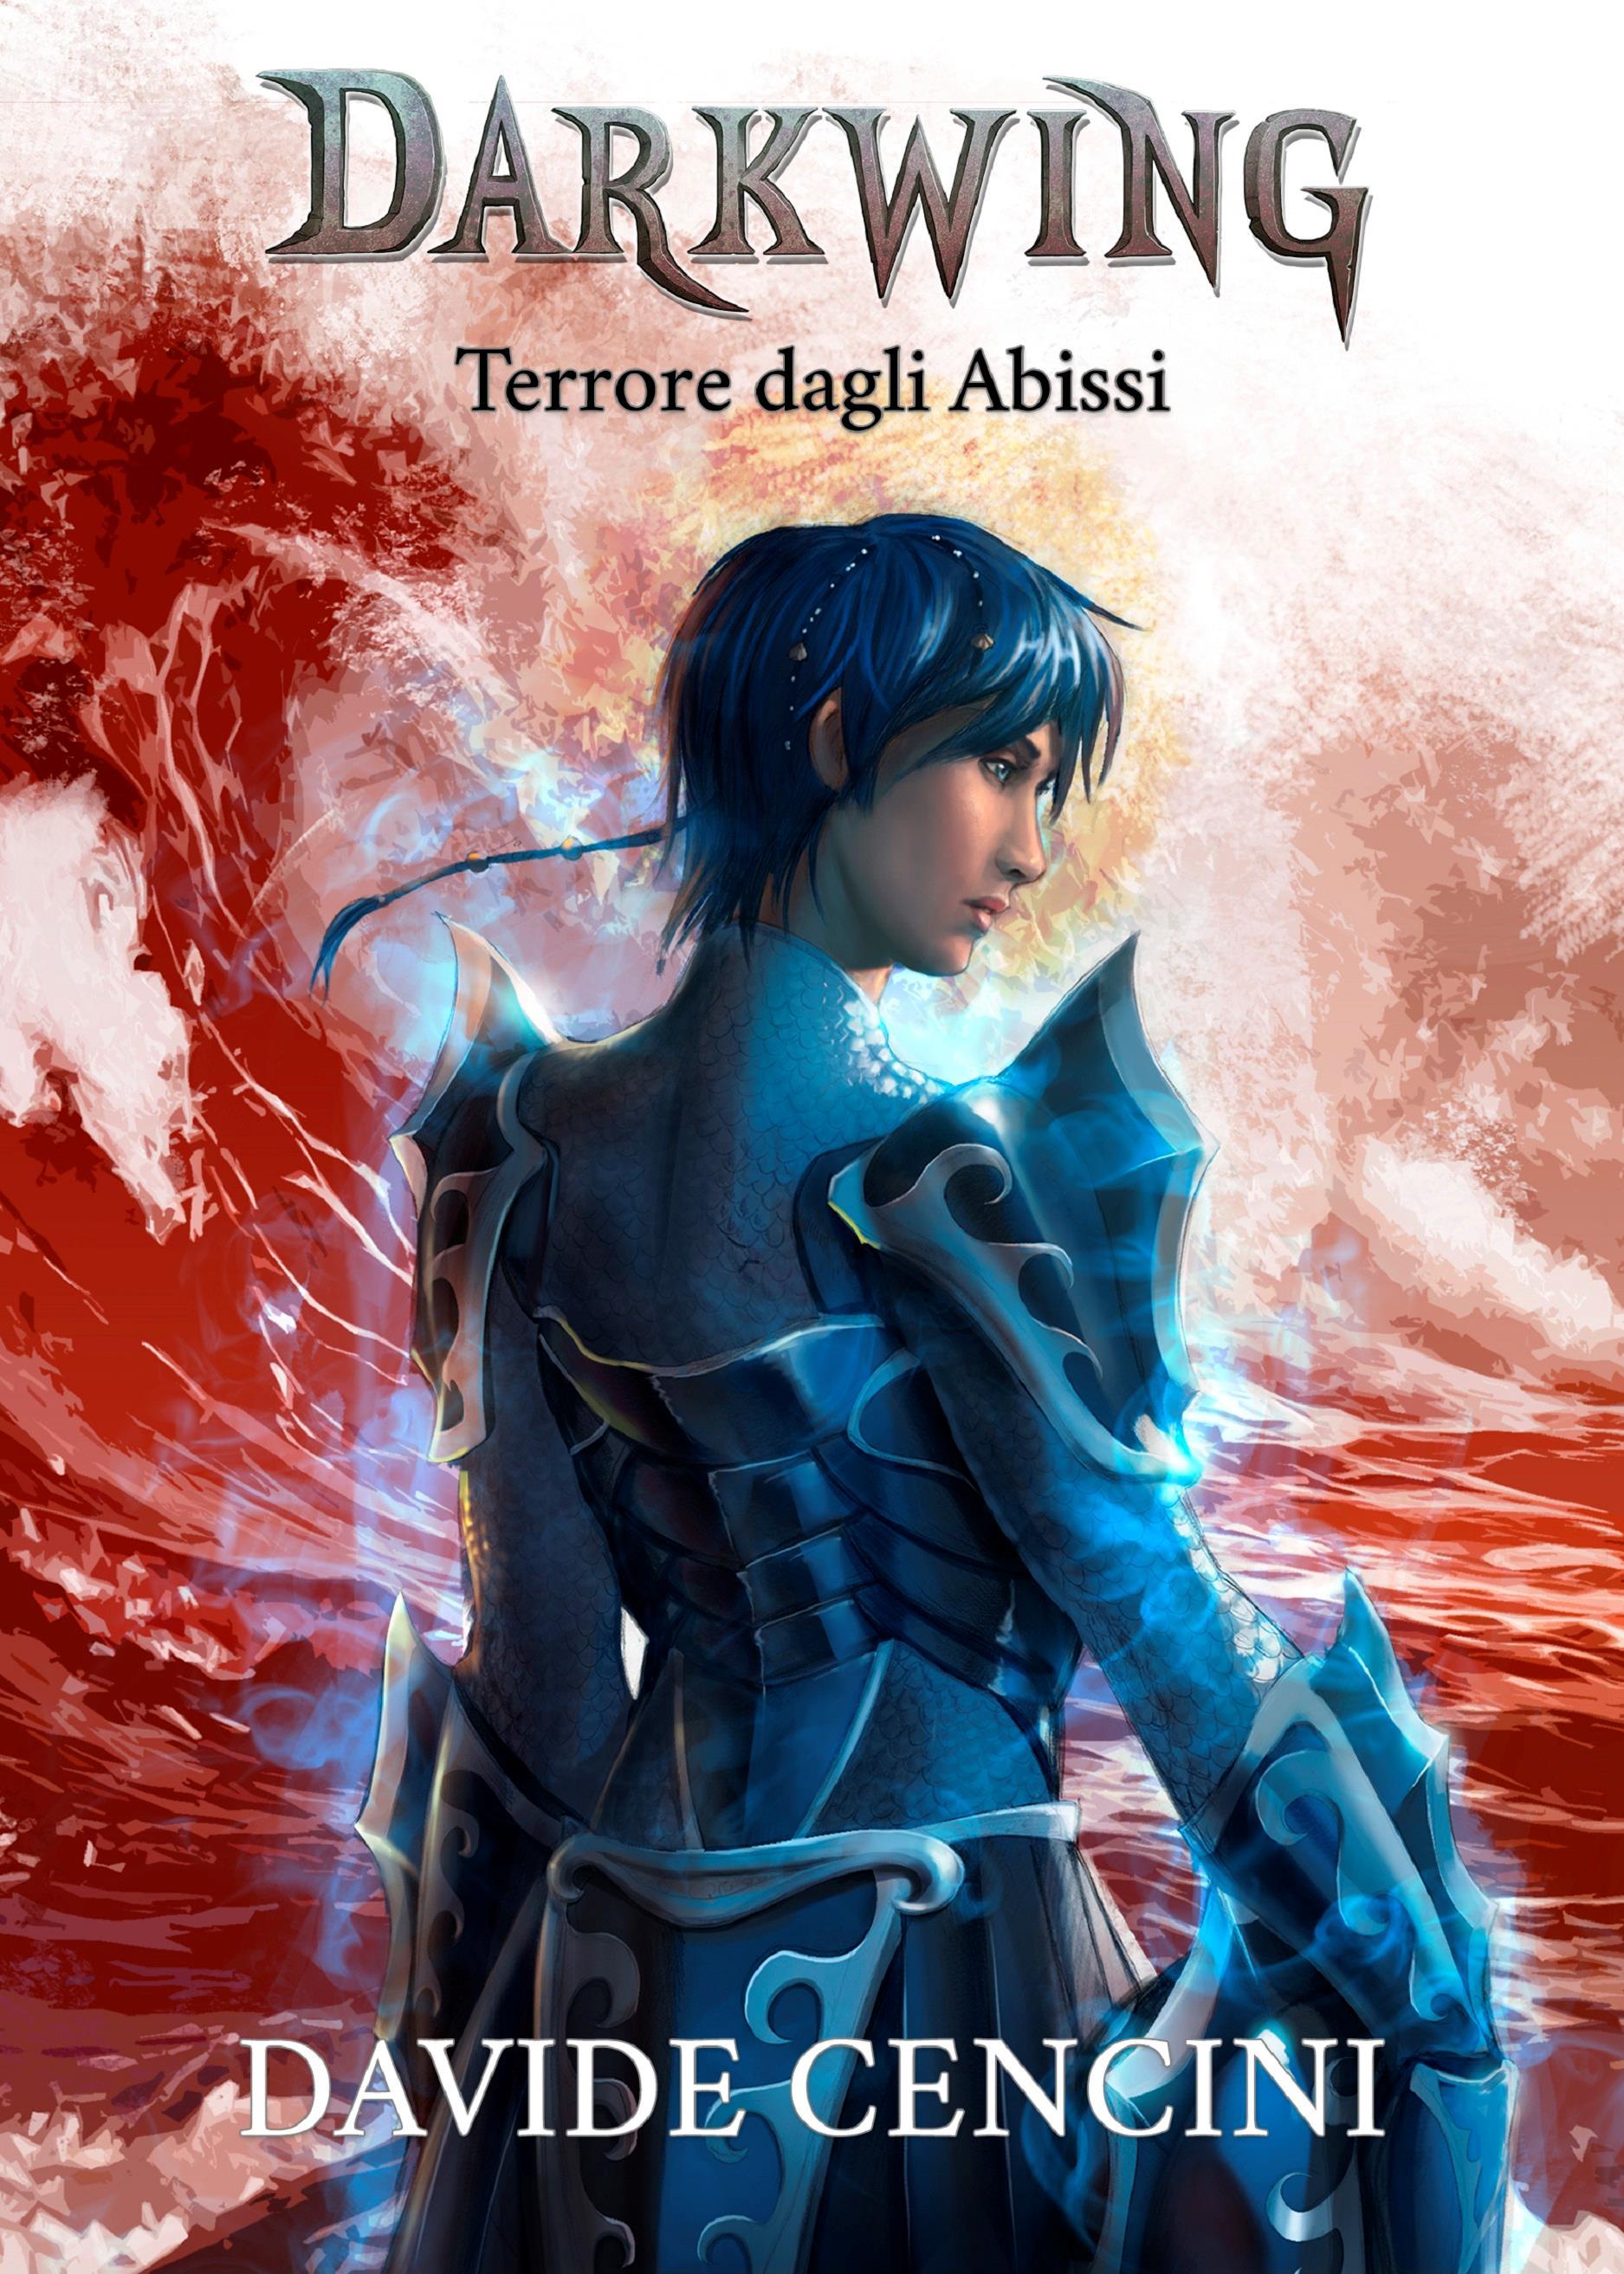 Darkwing 3 special - Terrore dagli Abissi